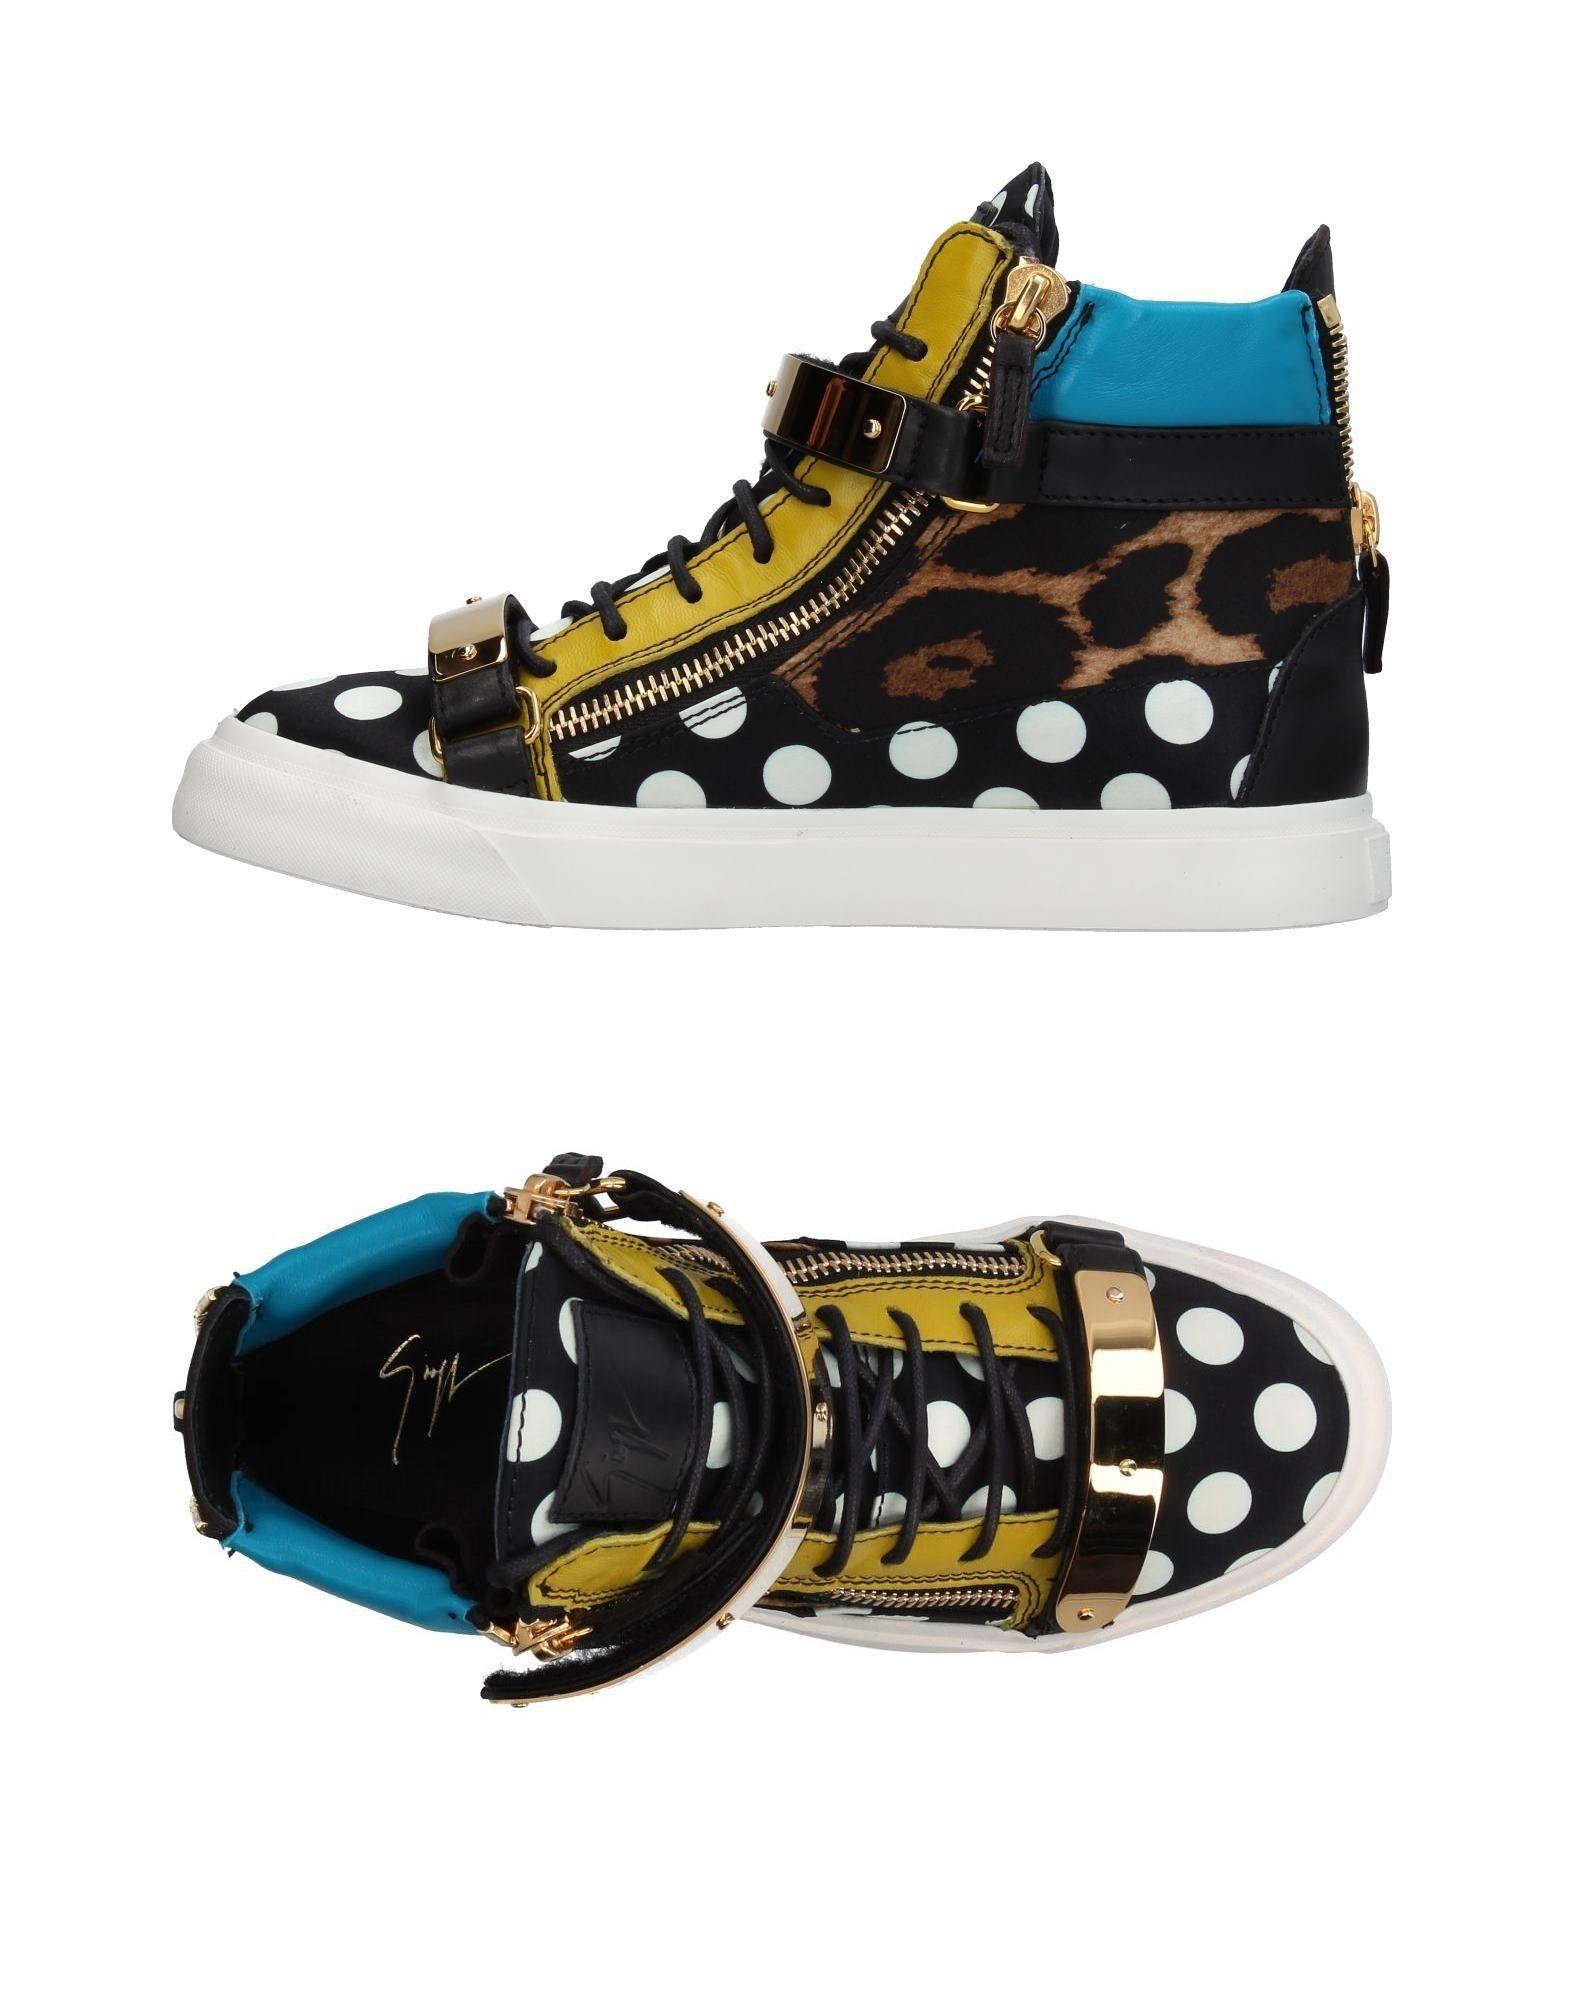 Giuseppe Zanotti Sneakers - Women on Giuseppe Zanotti Sneakers online on Women  Canada - 11375599AX 3f00b5